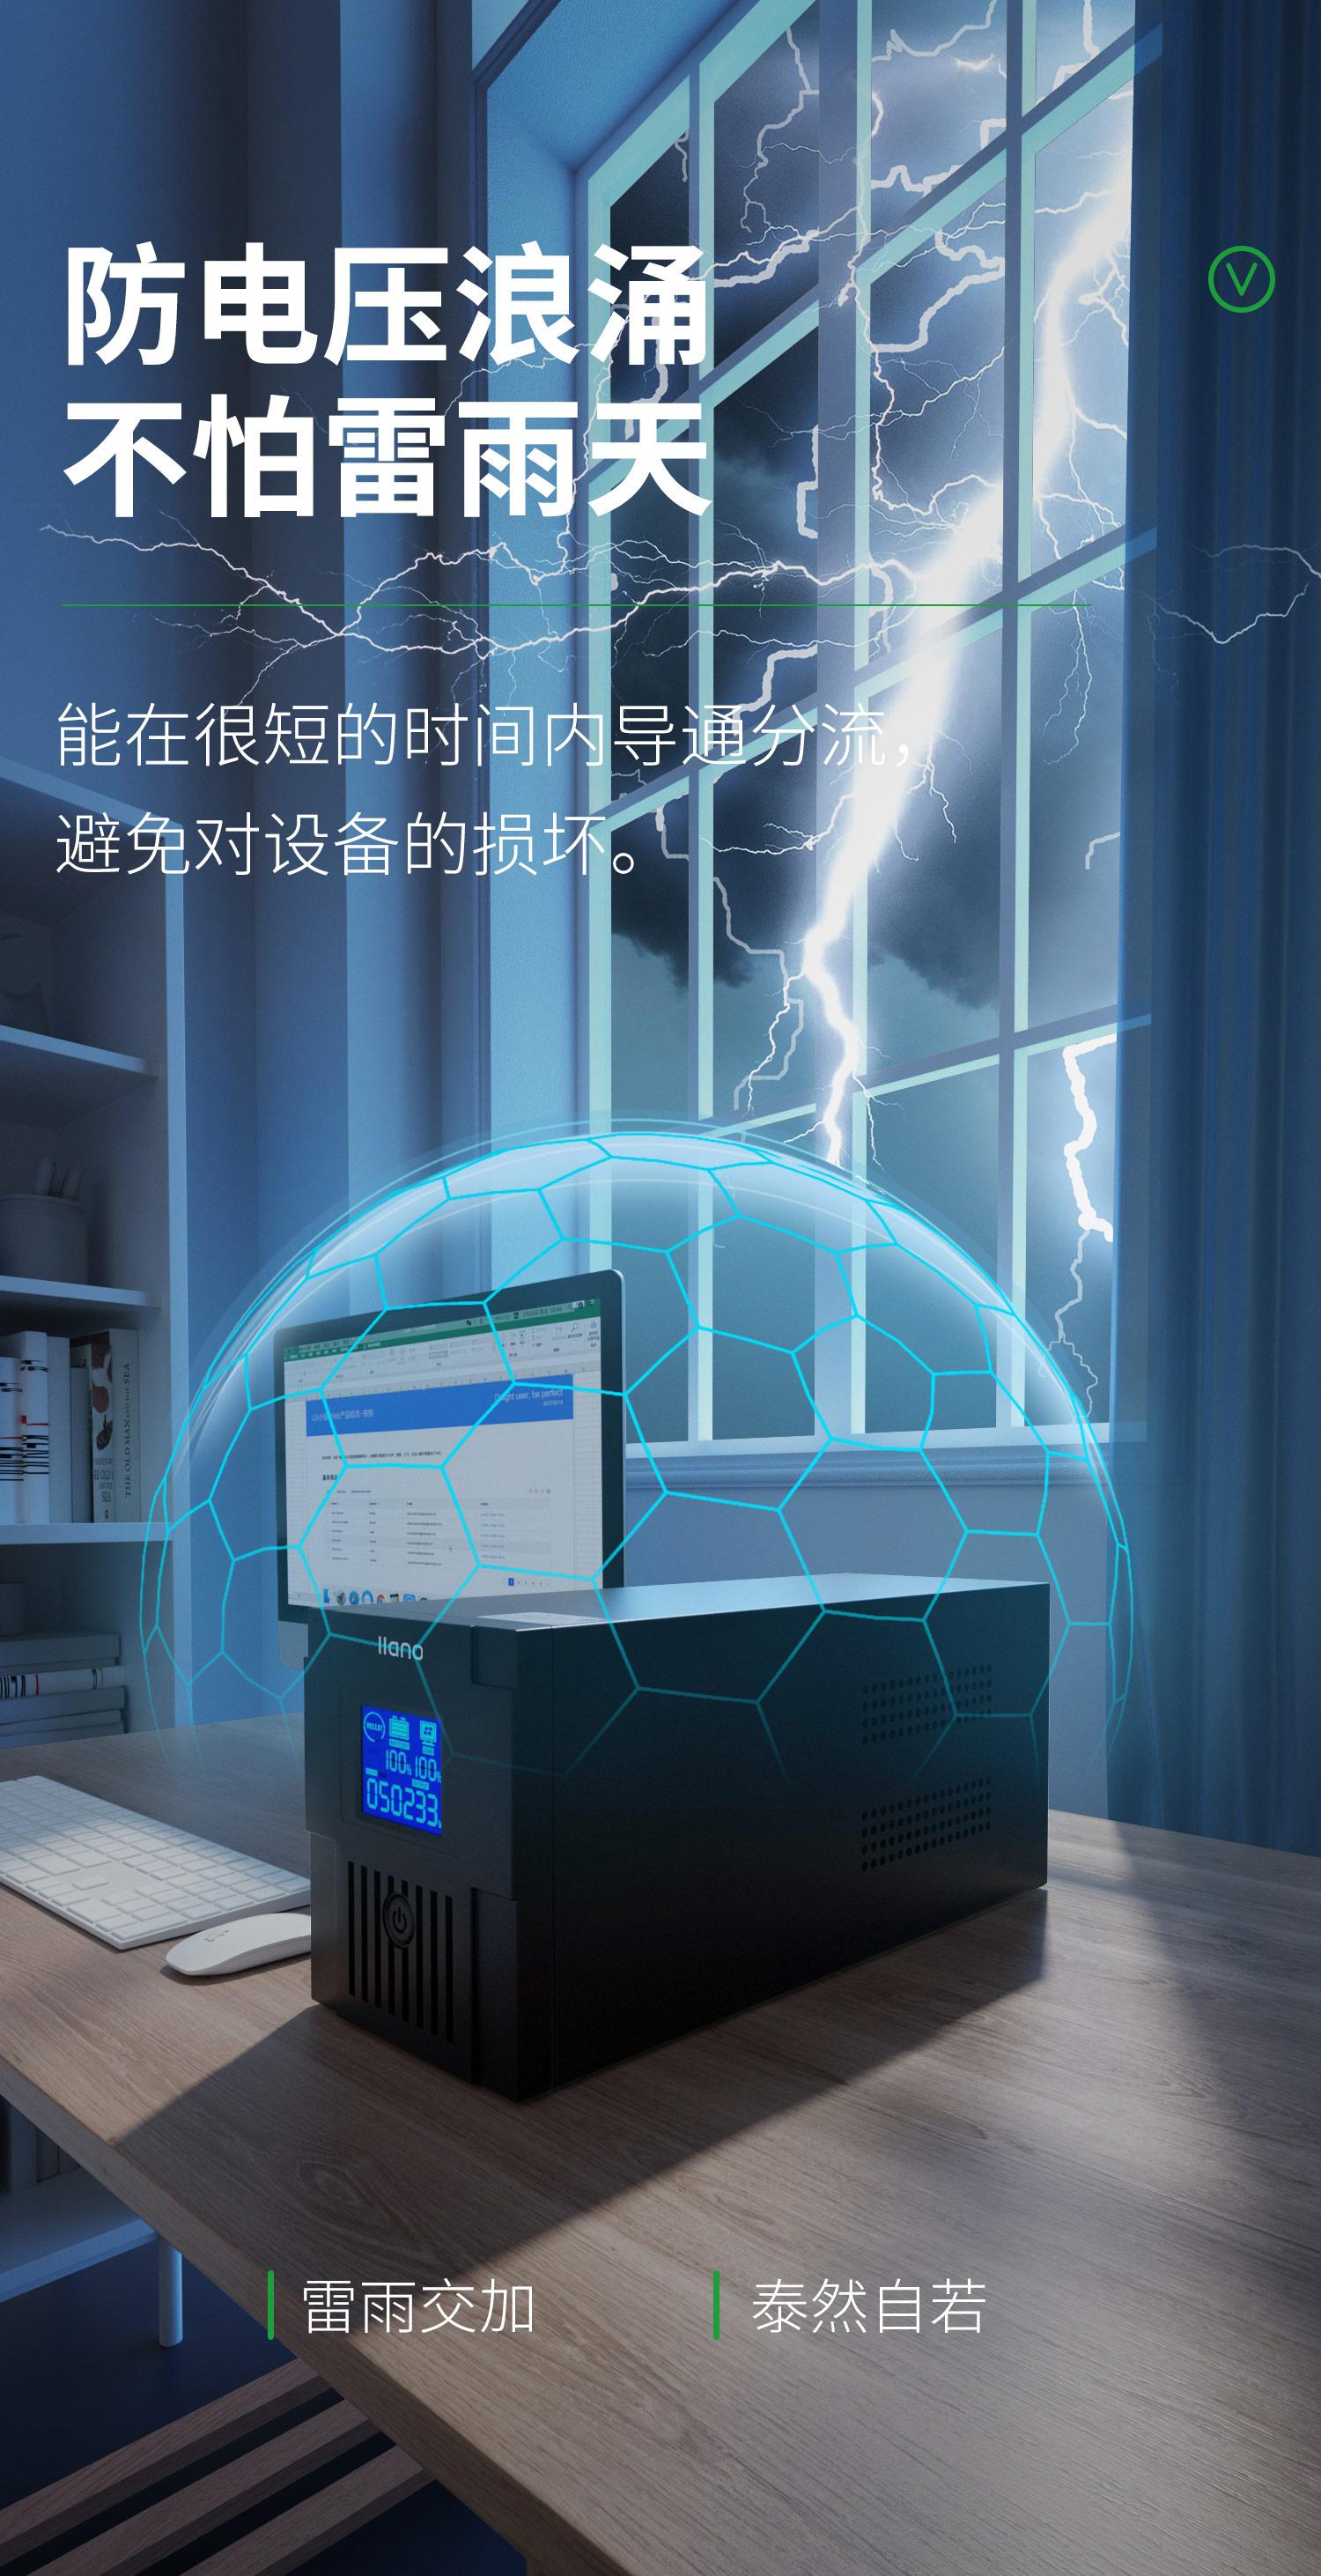 绿巨能(llano)ups不间断电源 UPS电源家用  2000VA/1200W 服务器电脑后备电源 应急备用电源 9Ah双电池